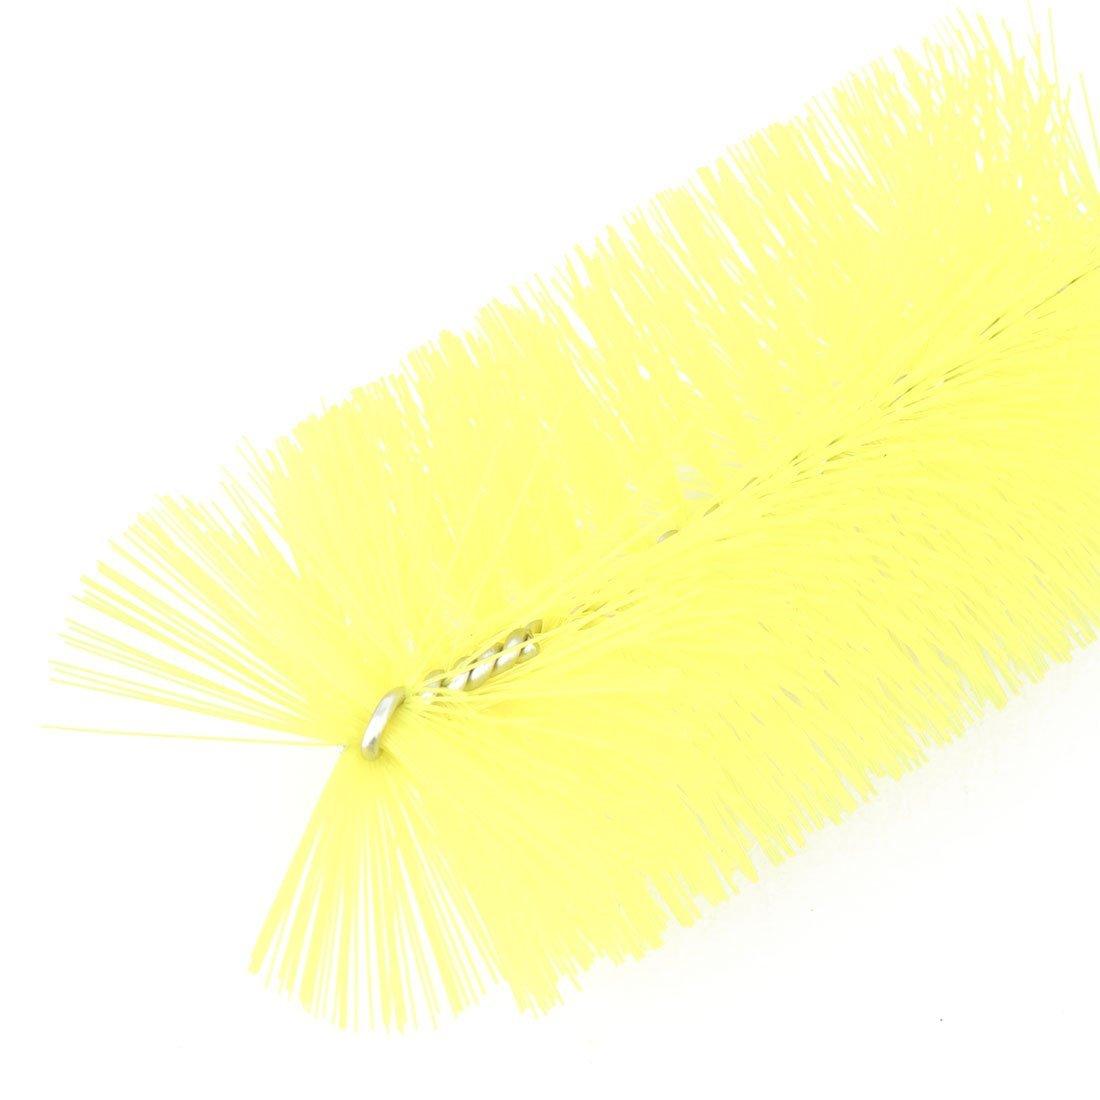 Amazon.com : eDealMax Tubo del tanque de Acero inoxidable pescados del acuario de limpieza de aire manguera del cepillo Amarillo : Pet Supplies